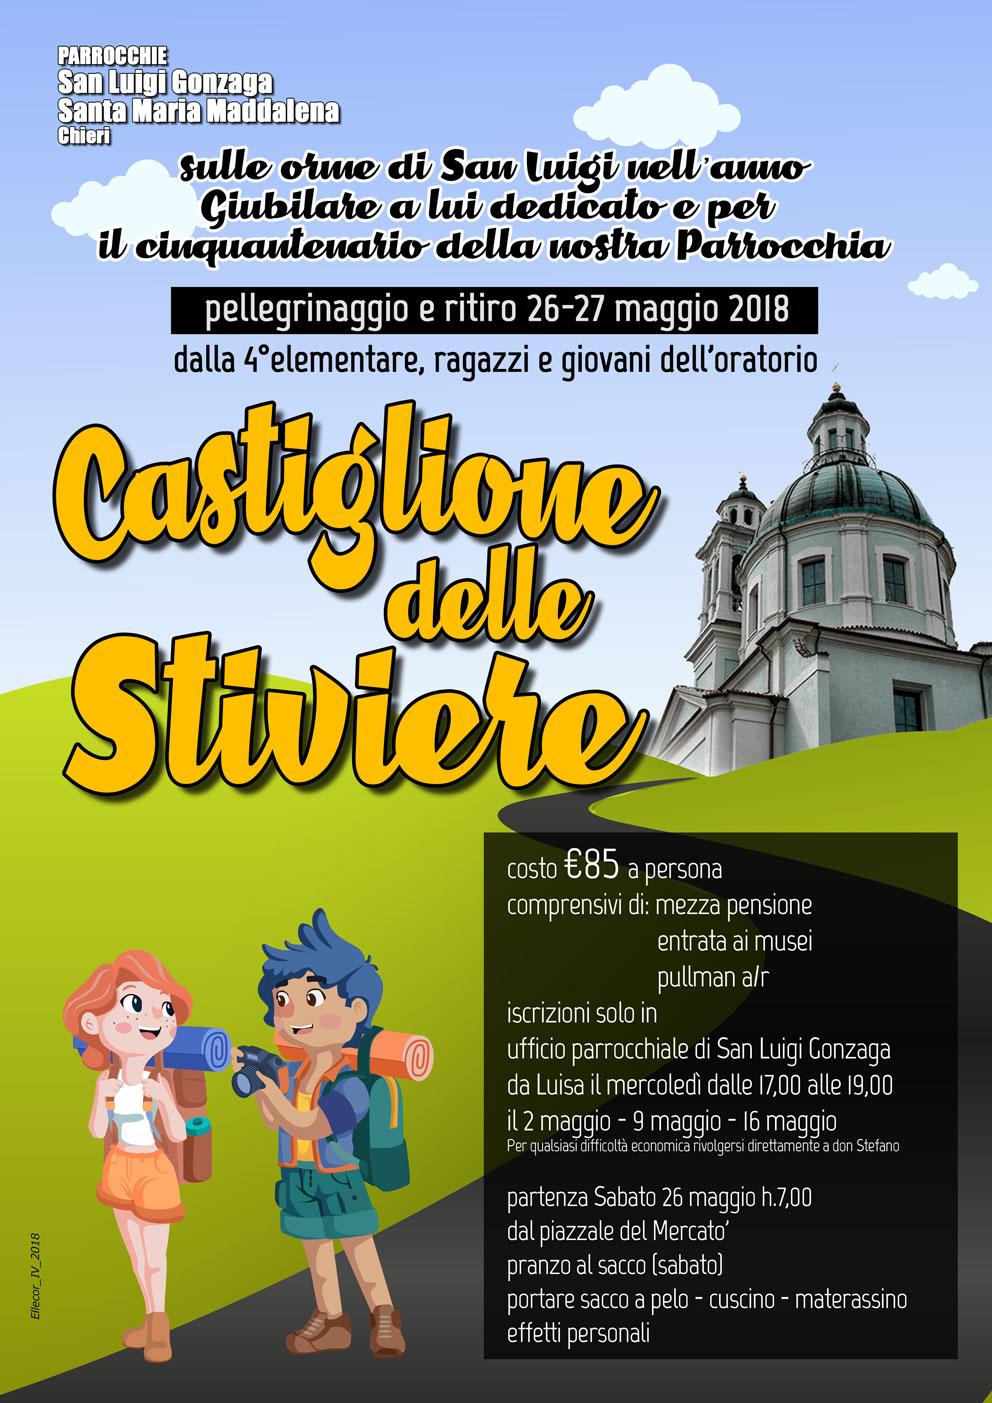 Ritiro-Castiglione-Stiviere-2018